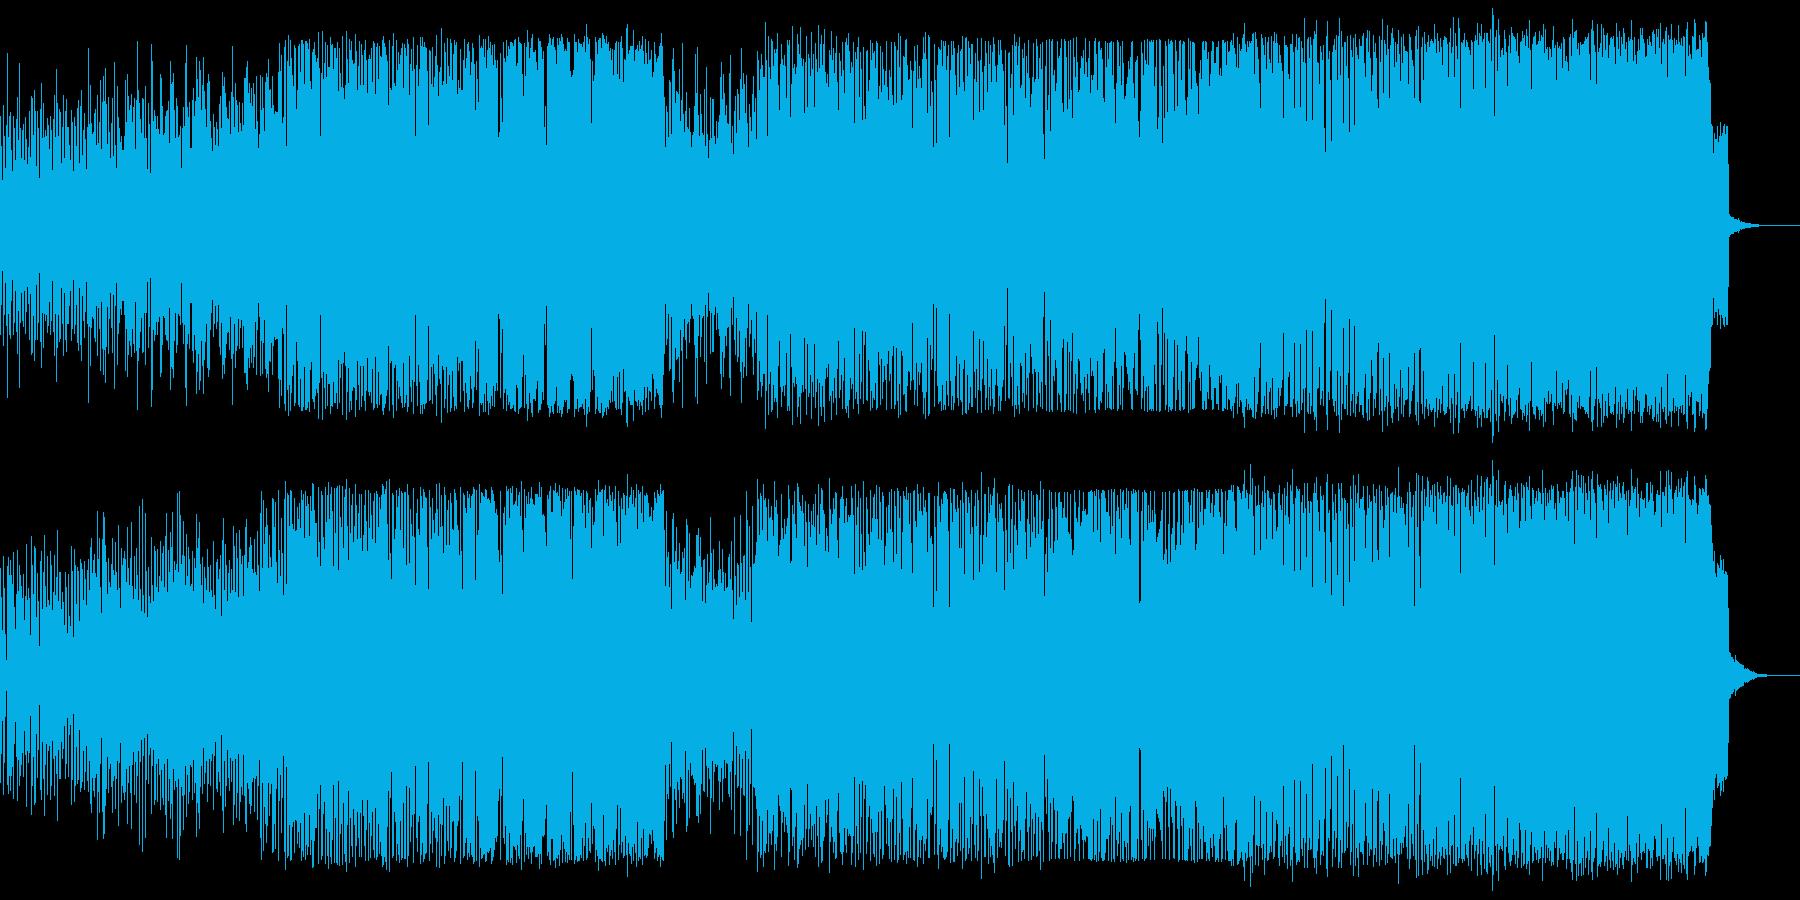 ミステリアスなループ的EDMの再生済みの波形